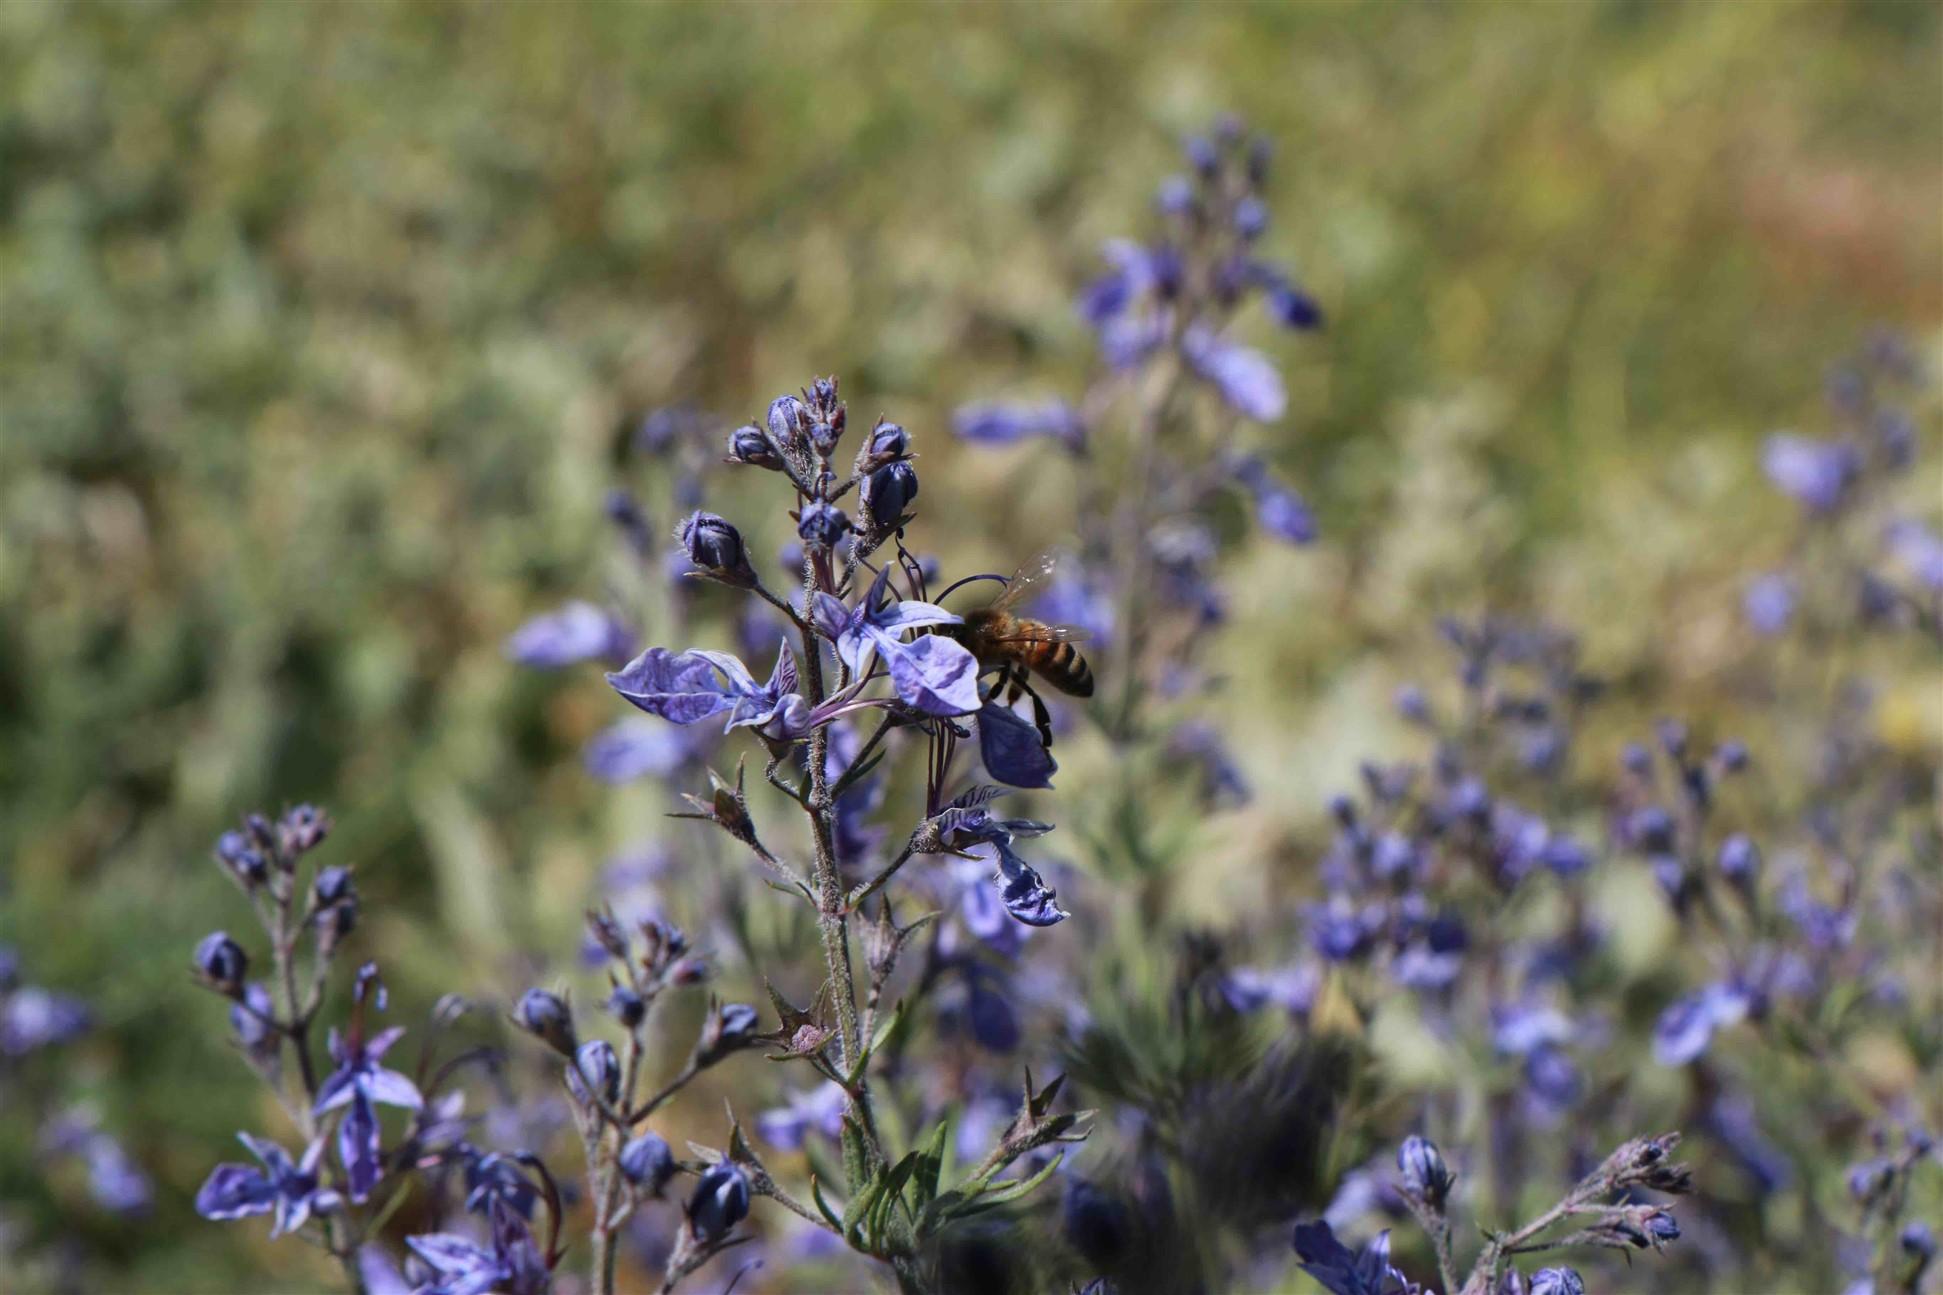 חדשות בוטניות: מלחמה במרומי החרמון : דבורי-דבש דוחקות את דבורי הבר הטבעיות בשמורת החרמון